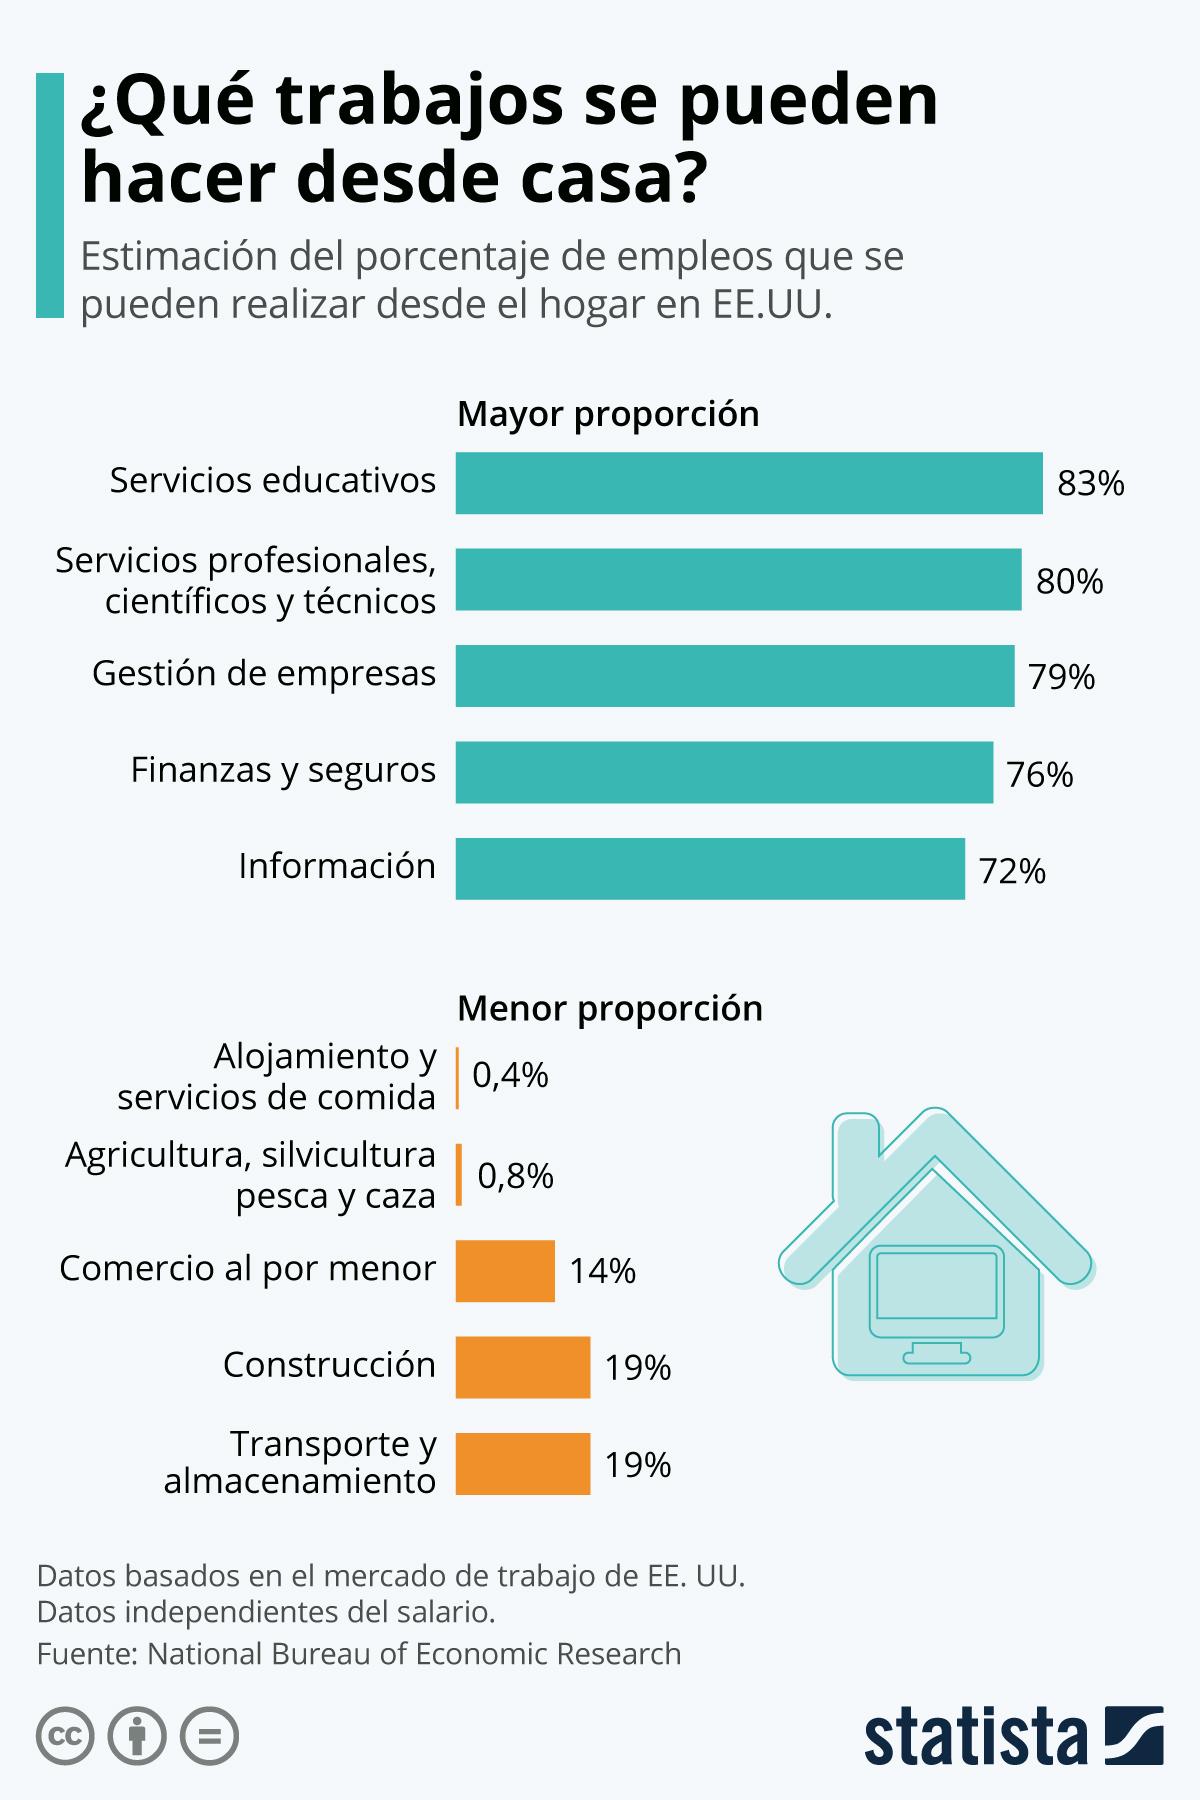 Infografía: ¿Qué trabajos se pueden hacer desde casa? | Statista